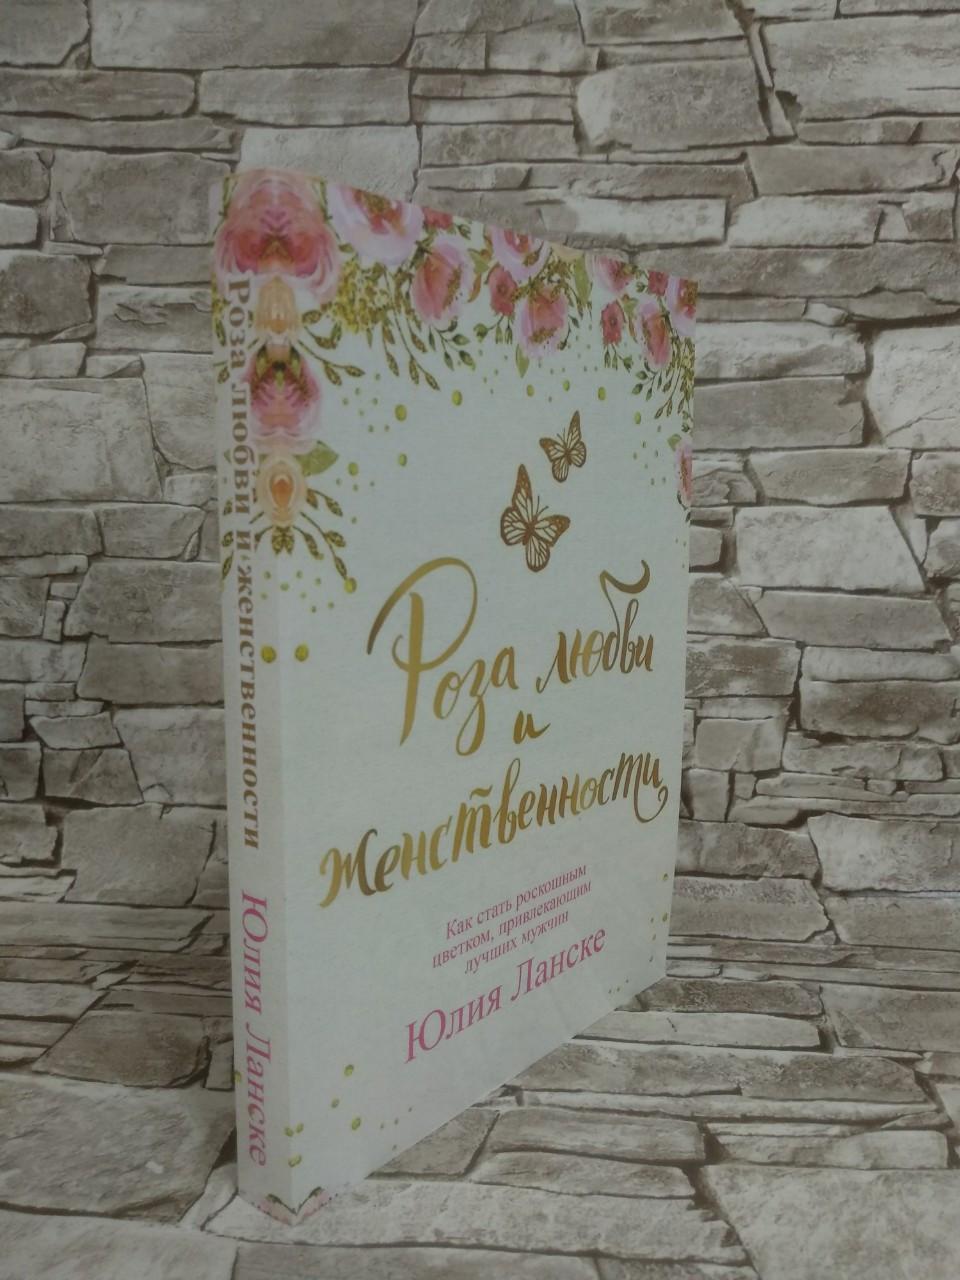 """Книга """"Роза любви и женственности. Как стать роскошным цветком, привлекающим лучших мужчин"""" Юлия Ланске"""